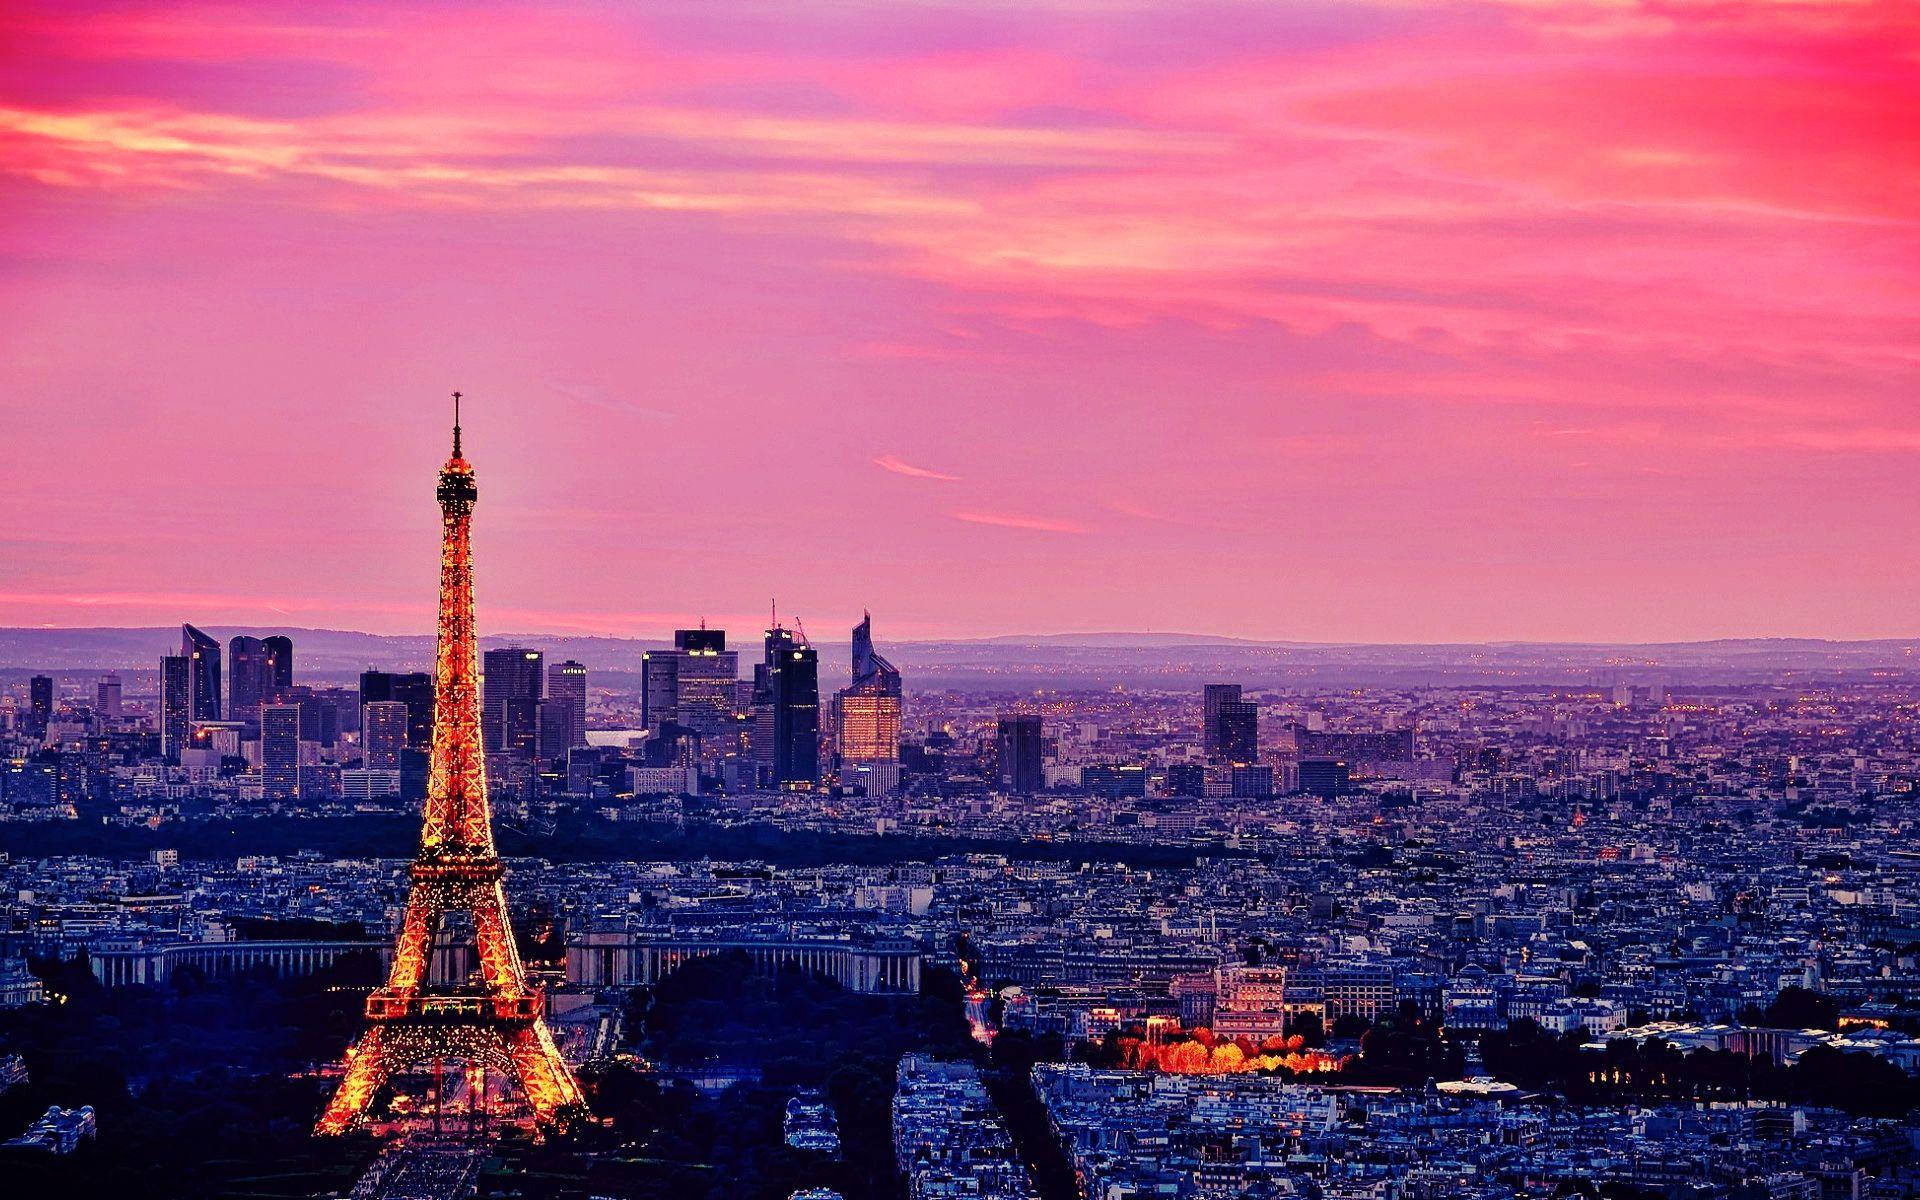 Eiffel Tower Beautiful Paris Wallpaper HD Wallpaper WallpaperLepi 1920x1200